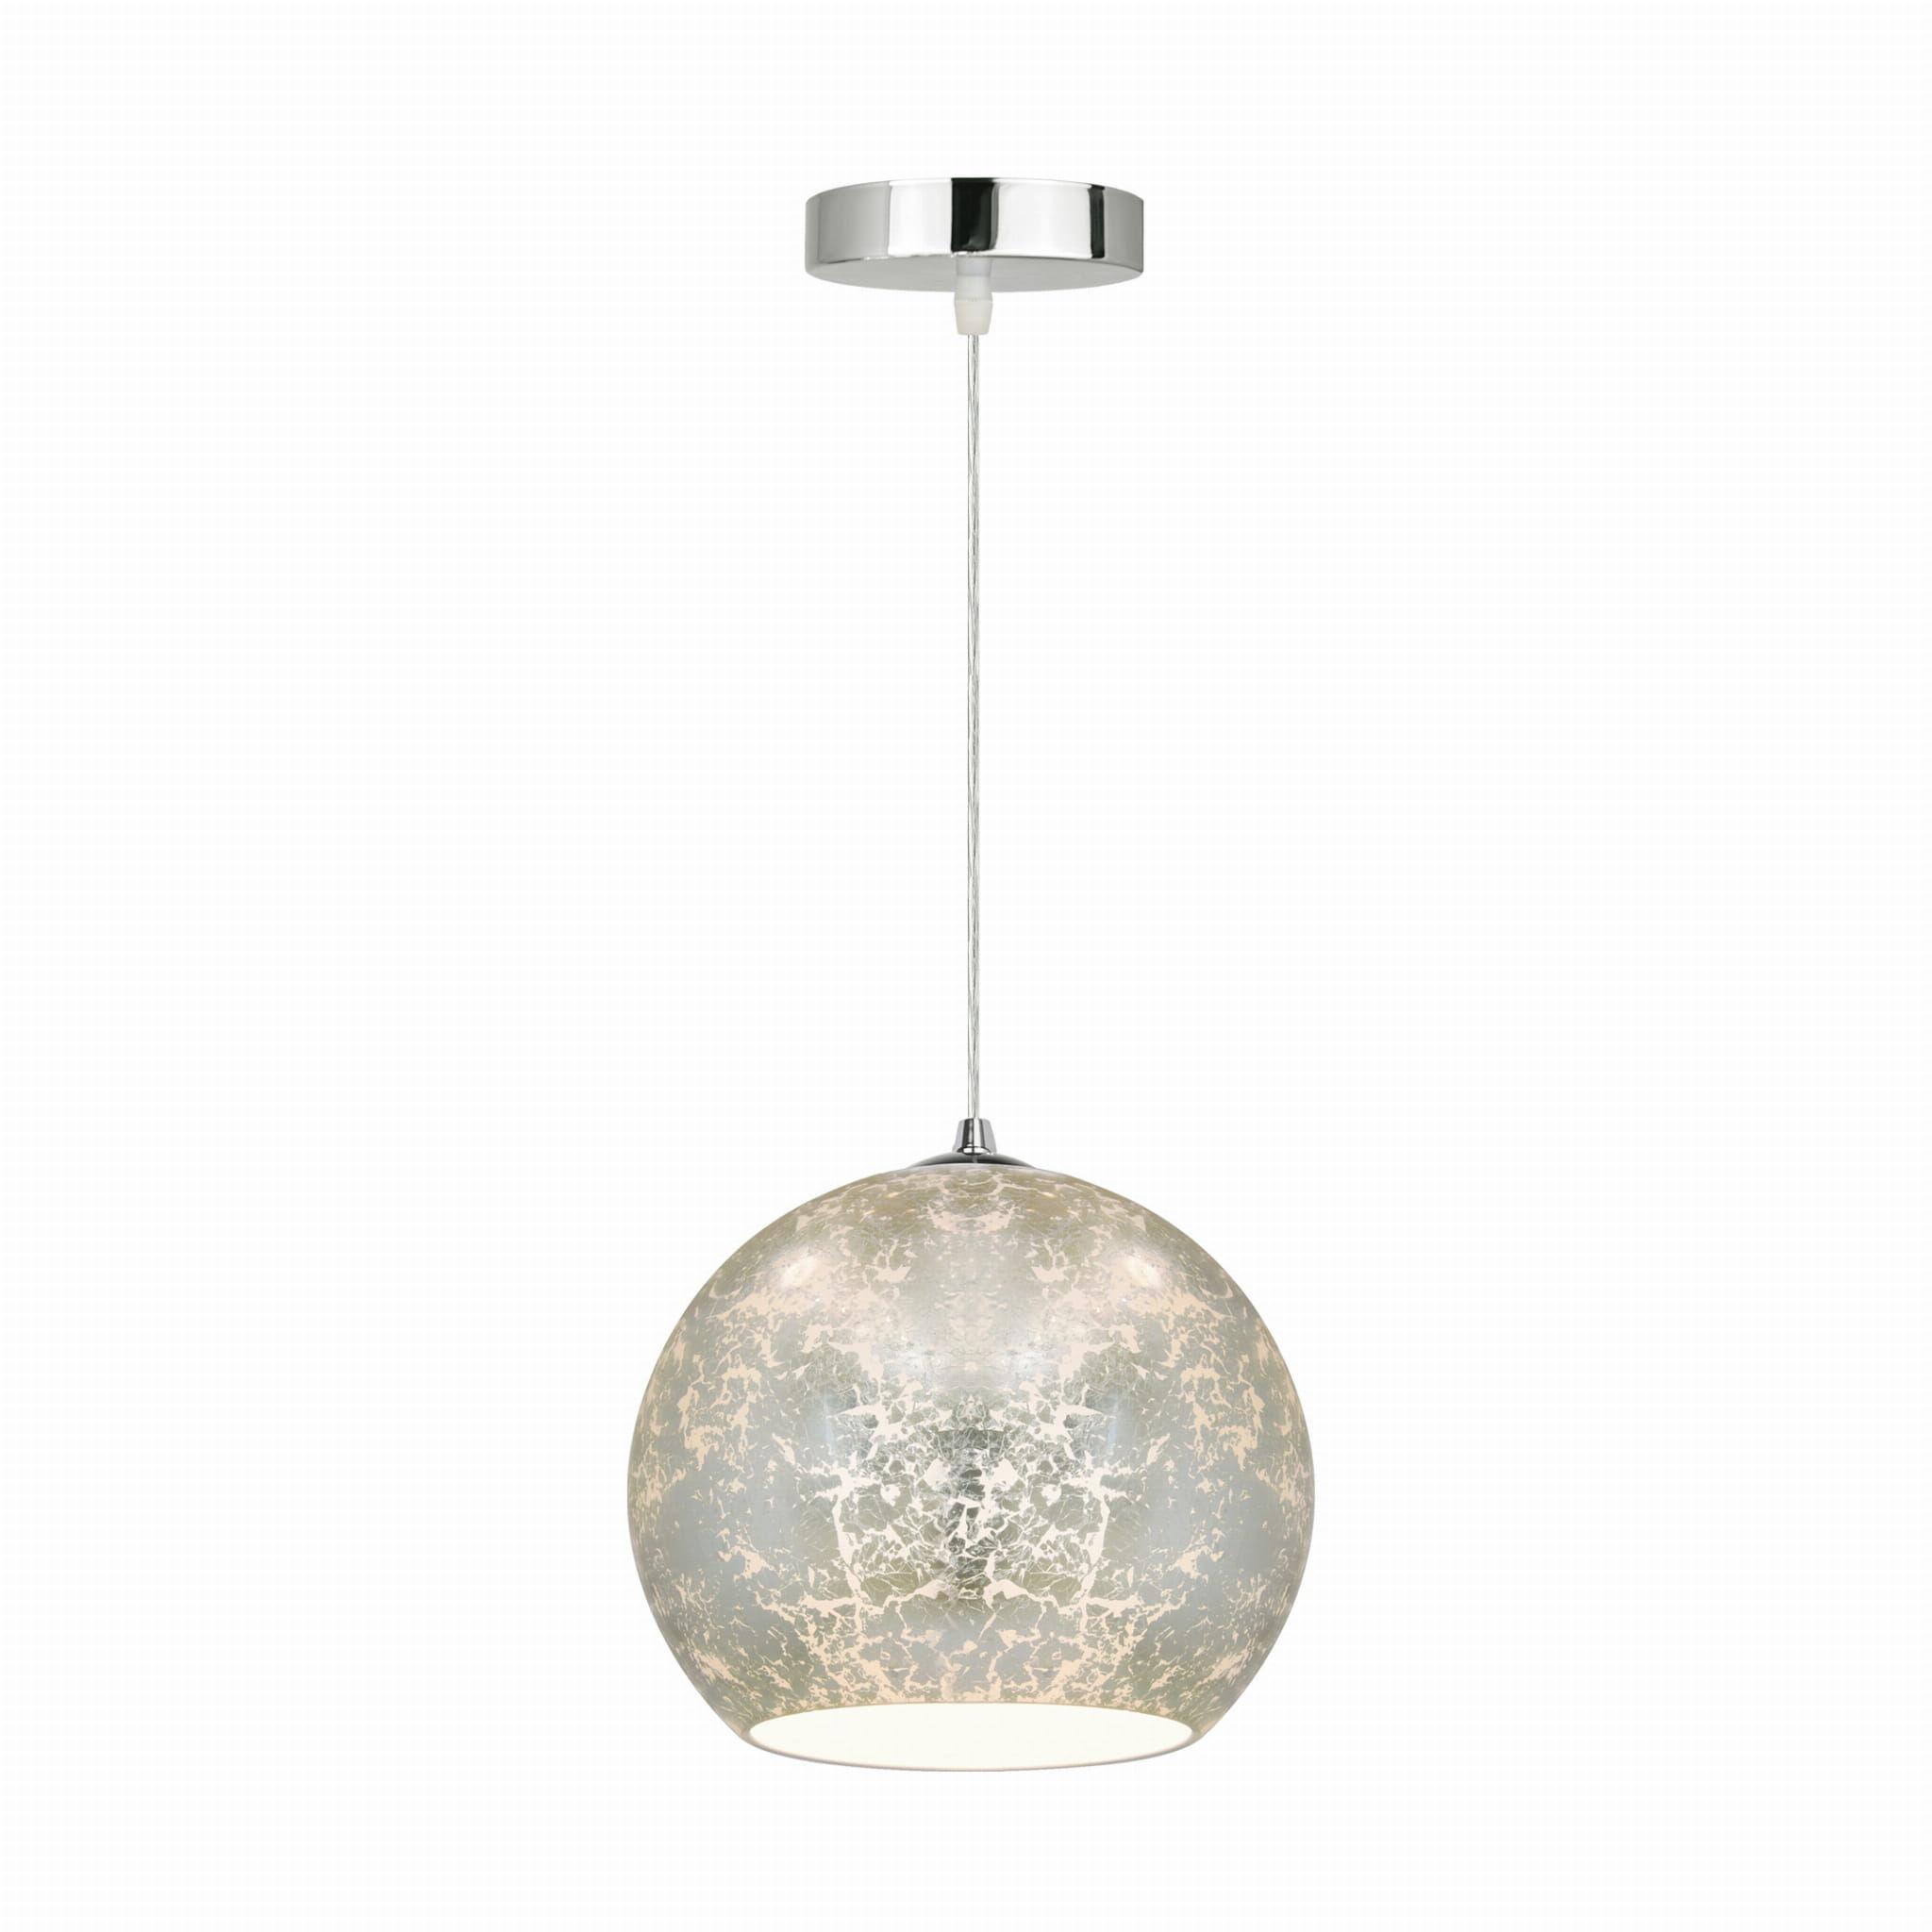 Lampa zwis SINES P16150-D30 Zuma Line  SPRAWDŹ RABATY  5-10-15-20 % w koszyku